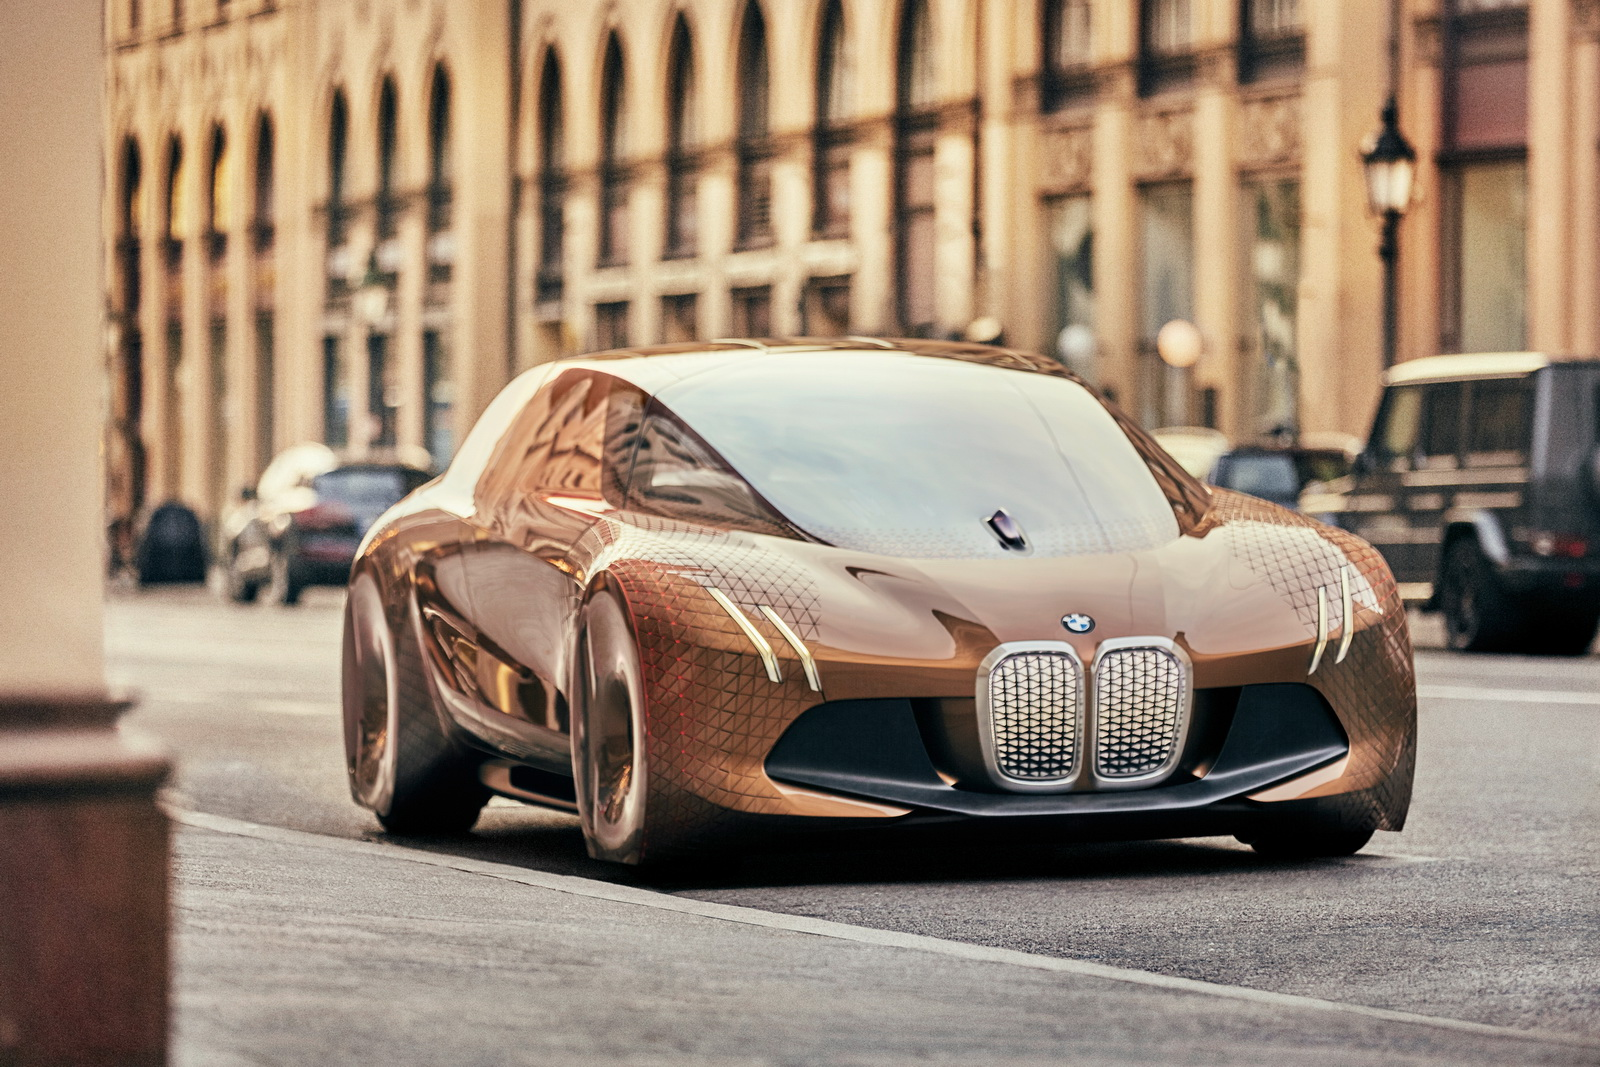 2016-BMWVision100-10.jpg